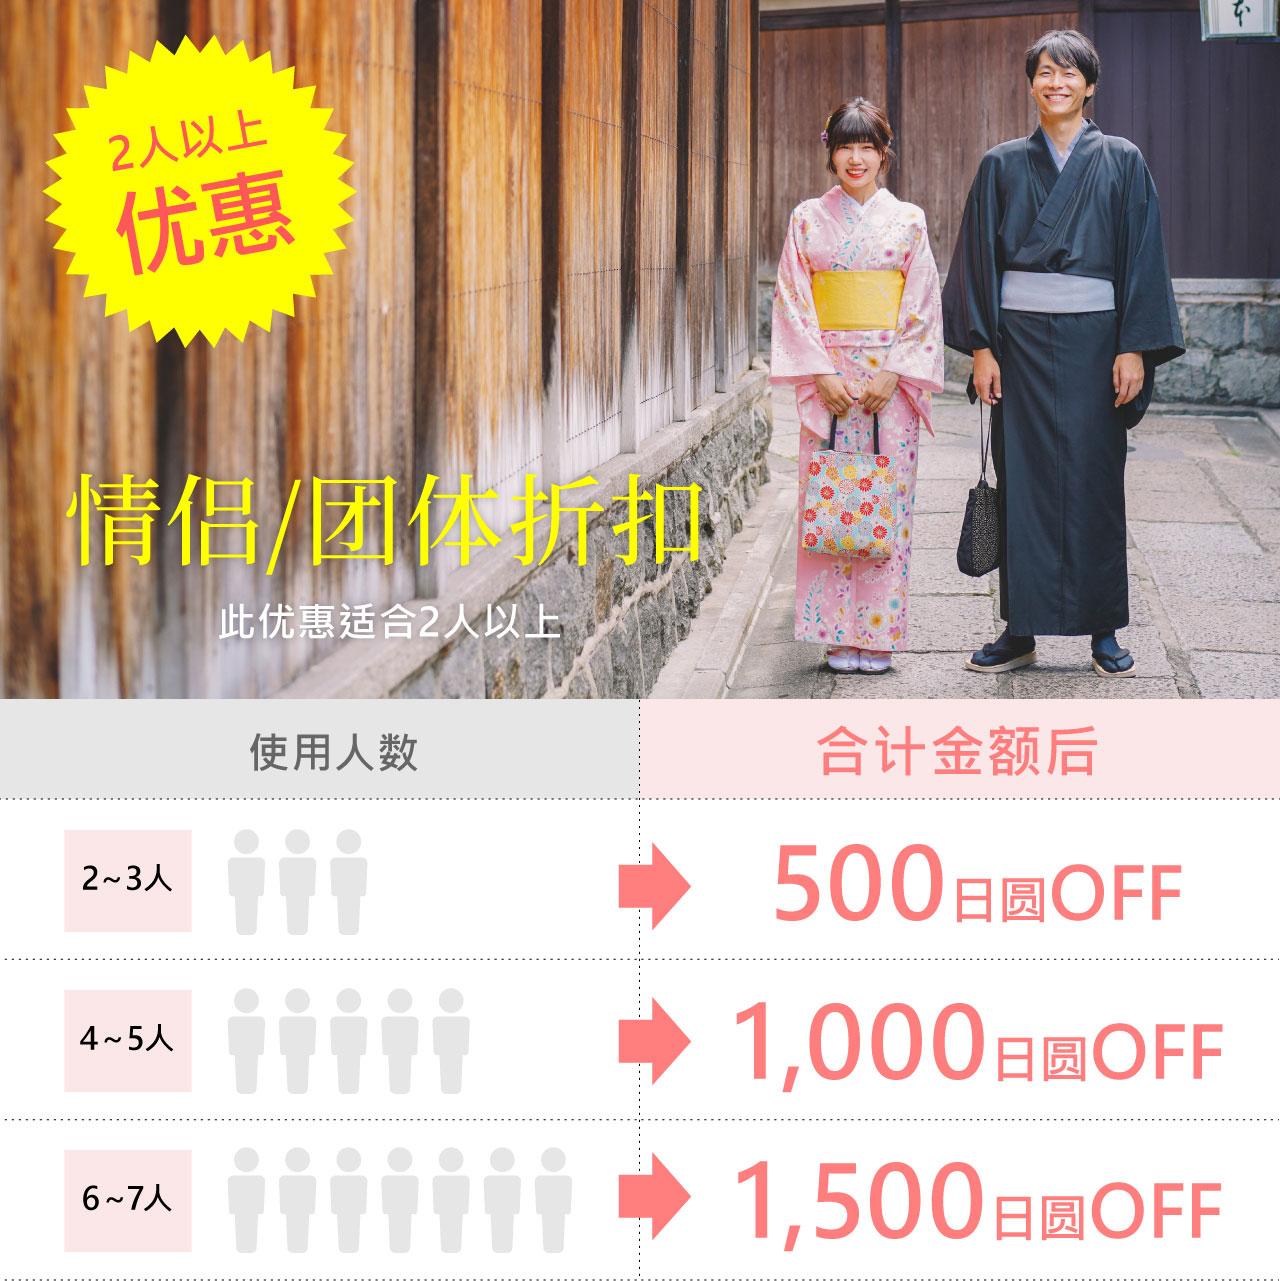 情侣/团体折扣 Kyoetsu kimono rental